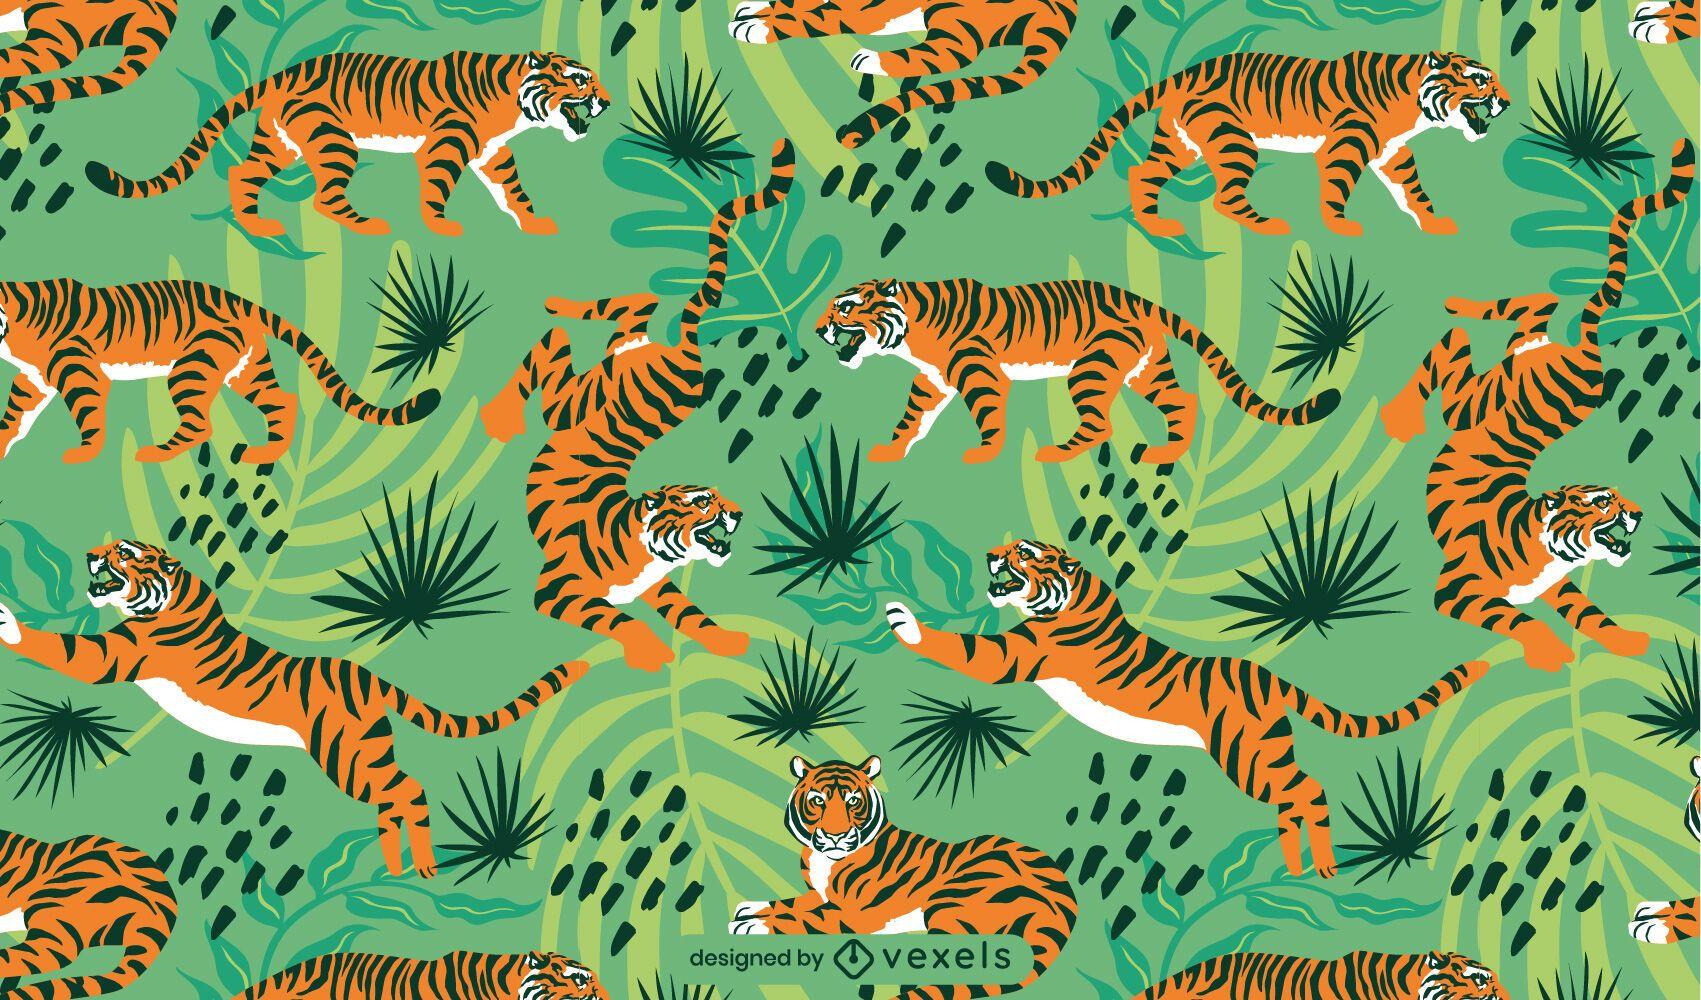 Jungle tiger tileable pattern design